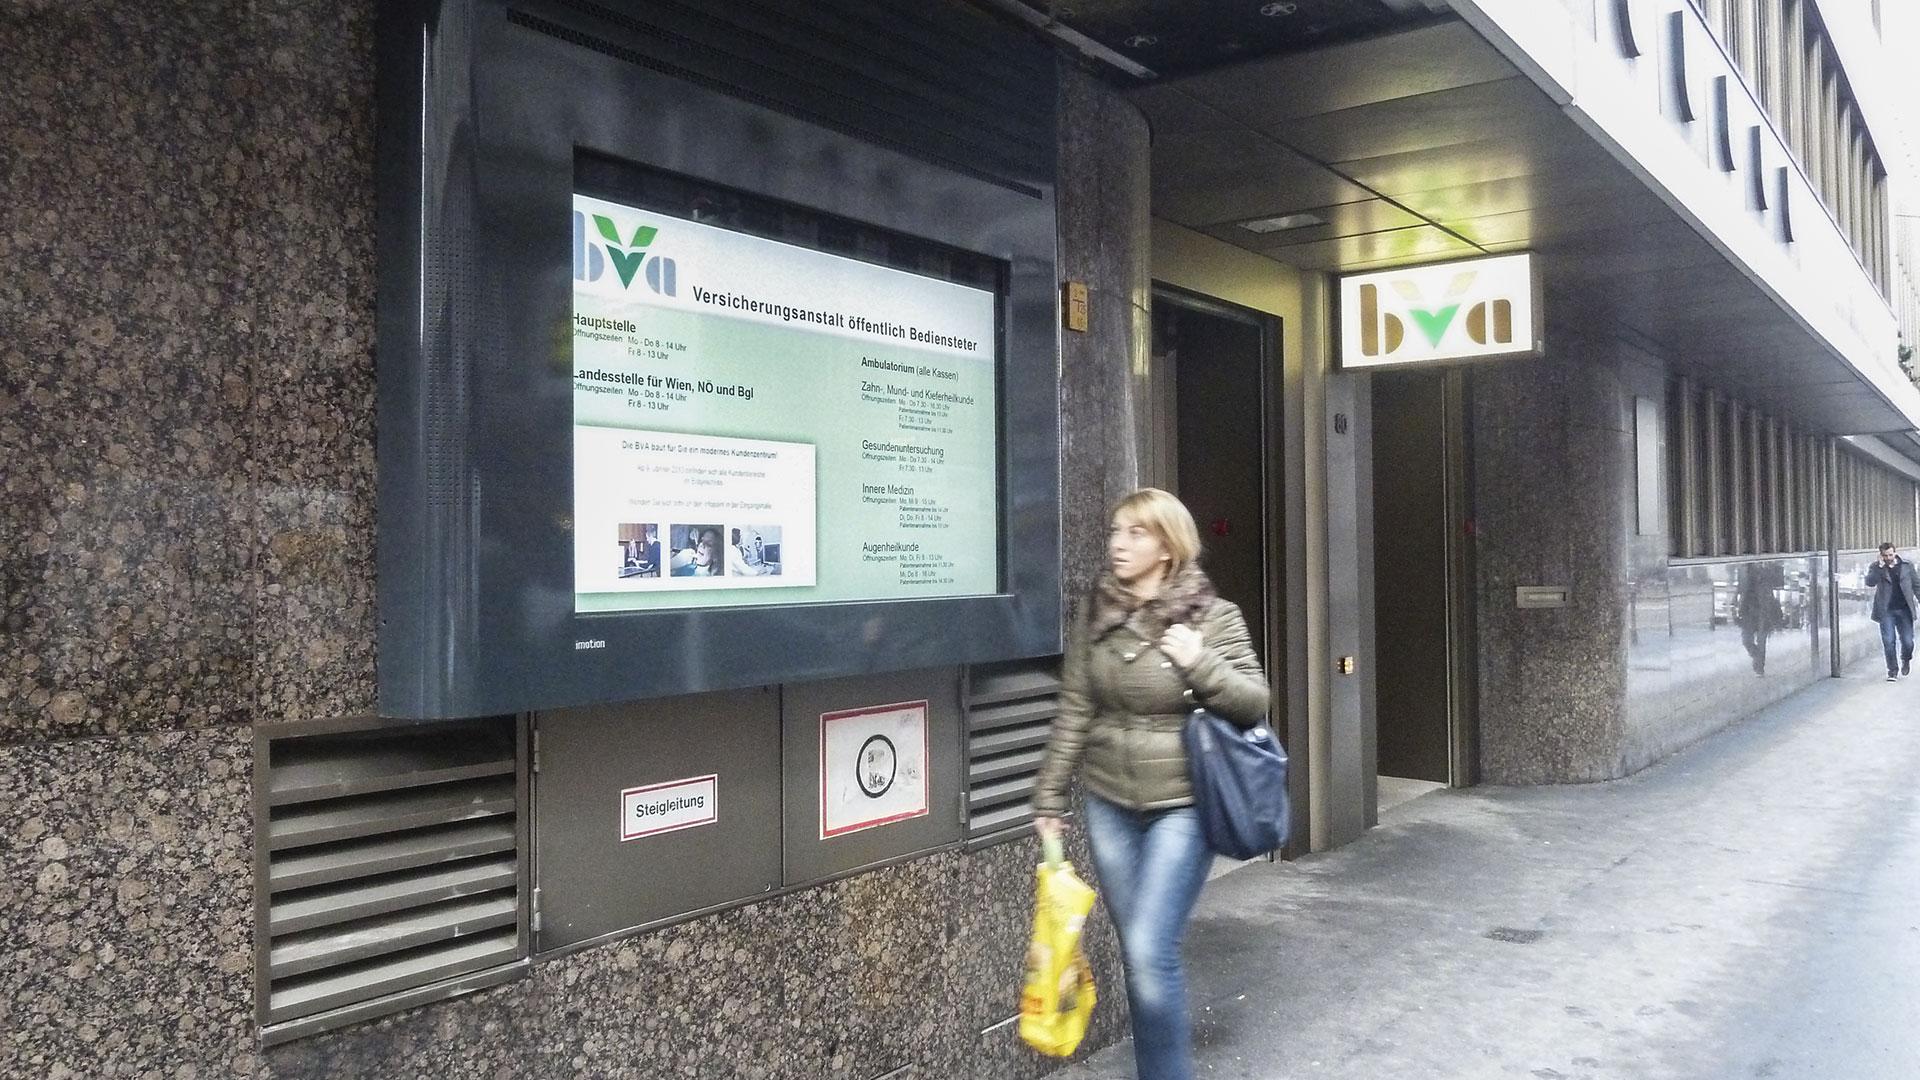 BVA Wien Digital Signage